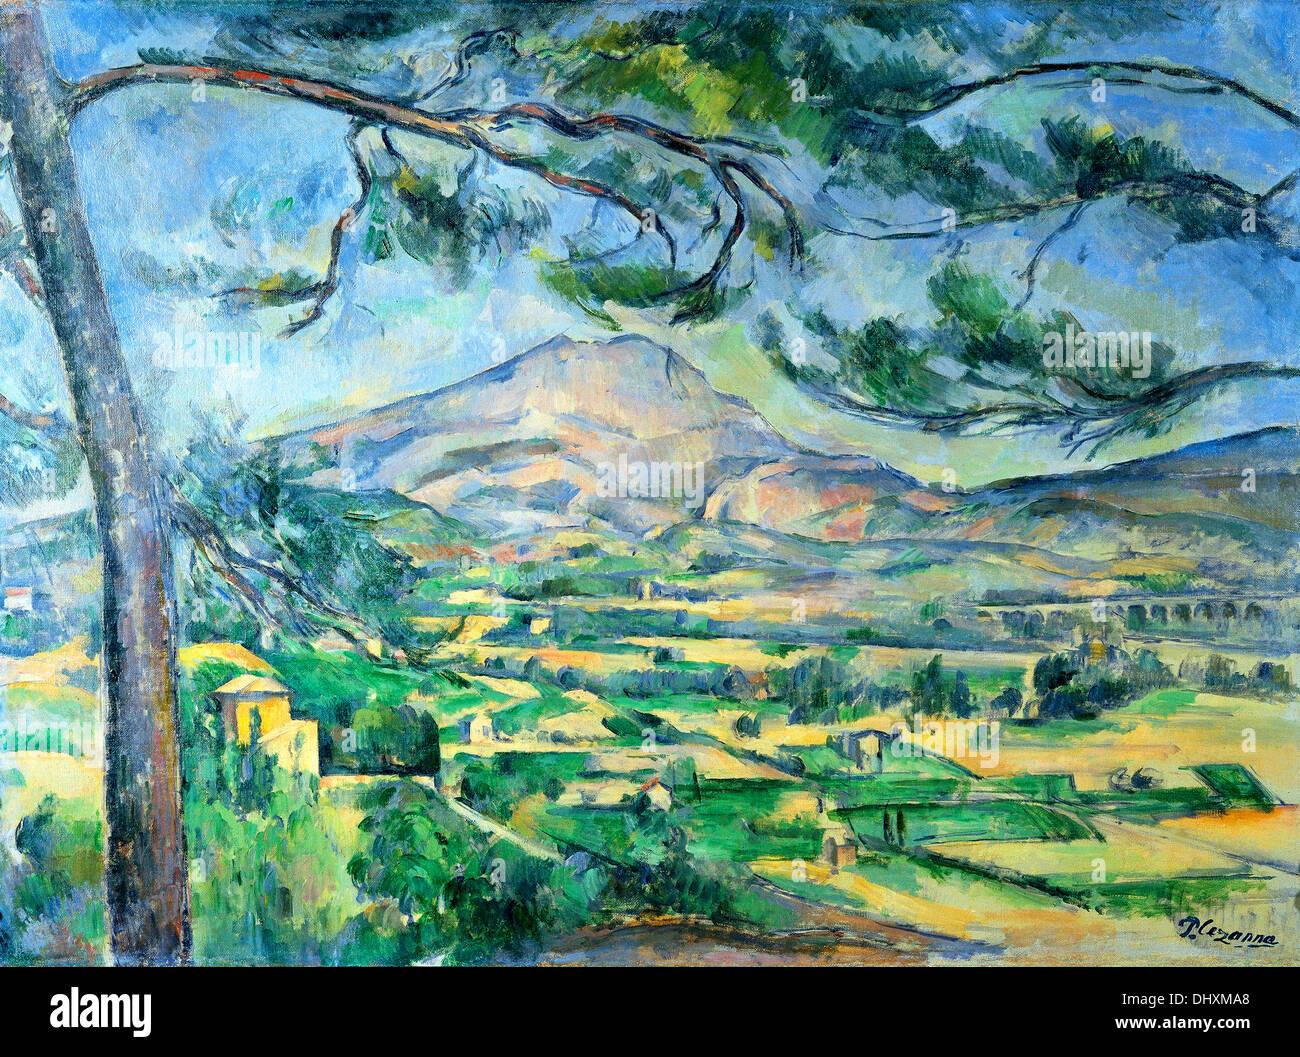 The Mont Sainte-Victoire - by Paul Cézanne, 1887 - Stock Image